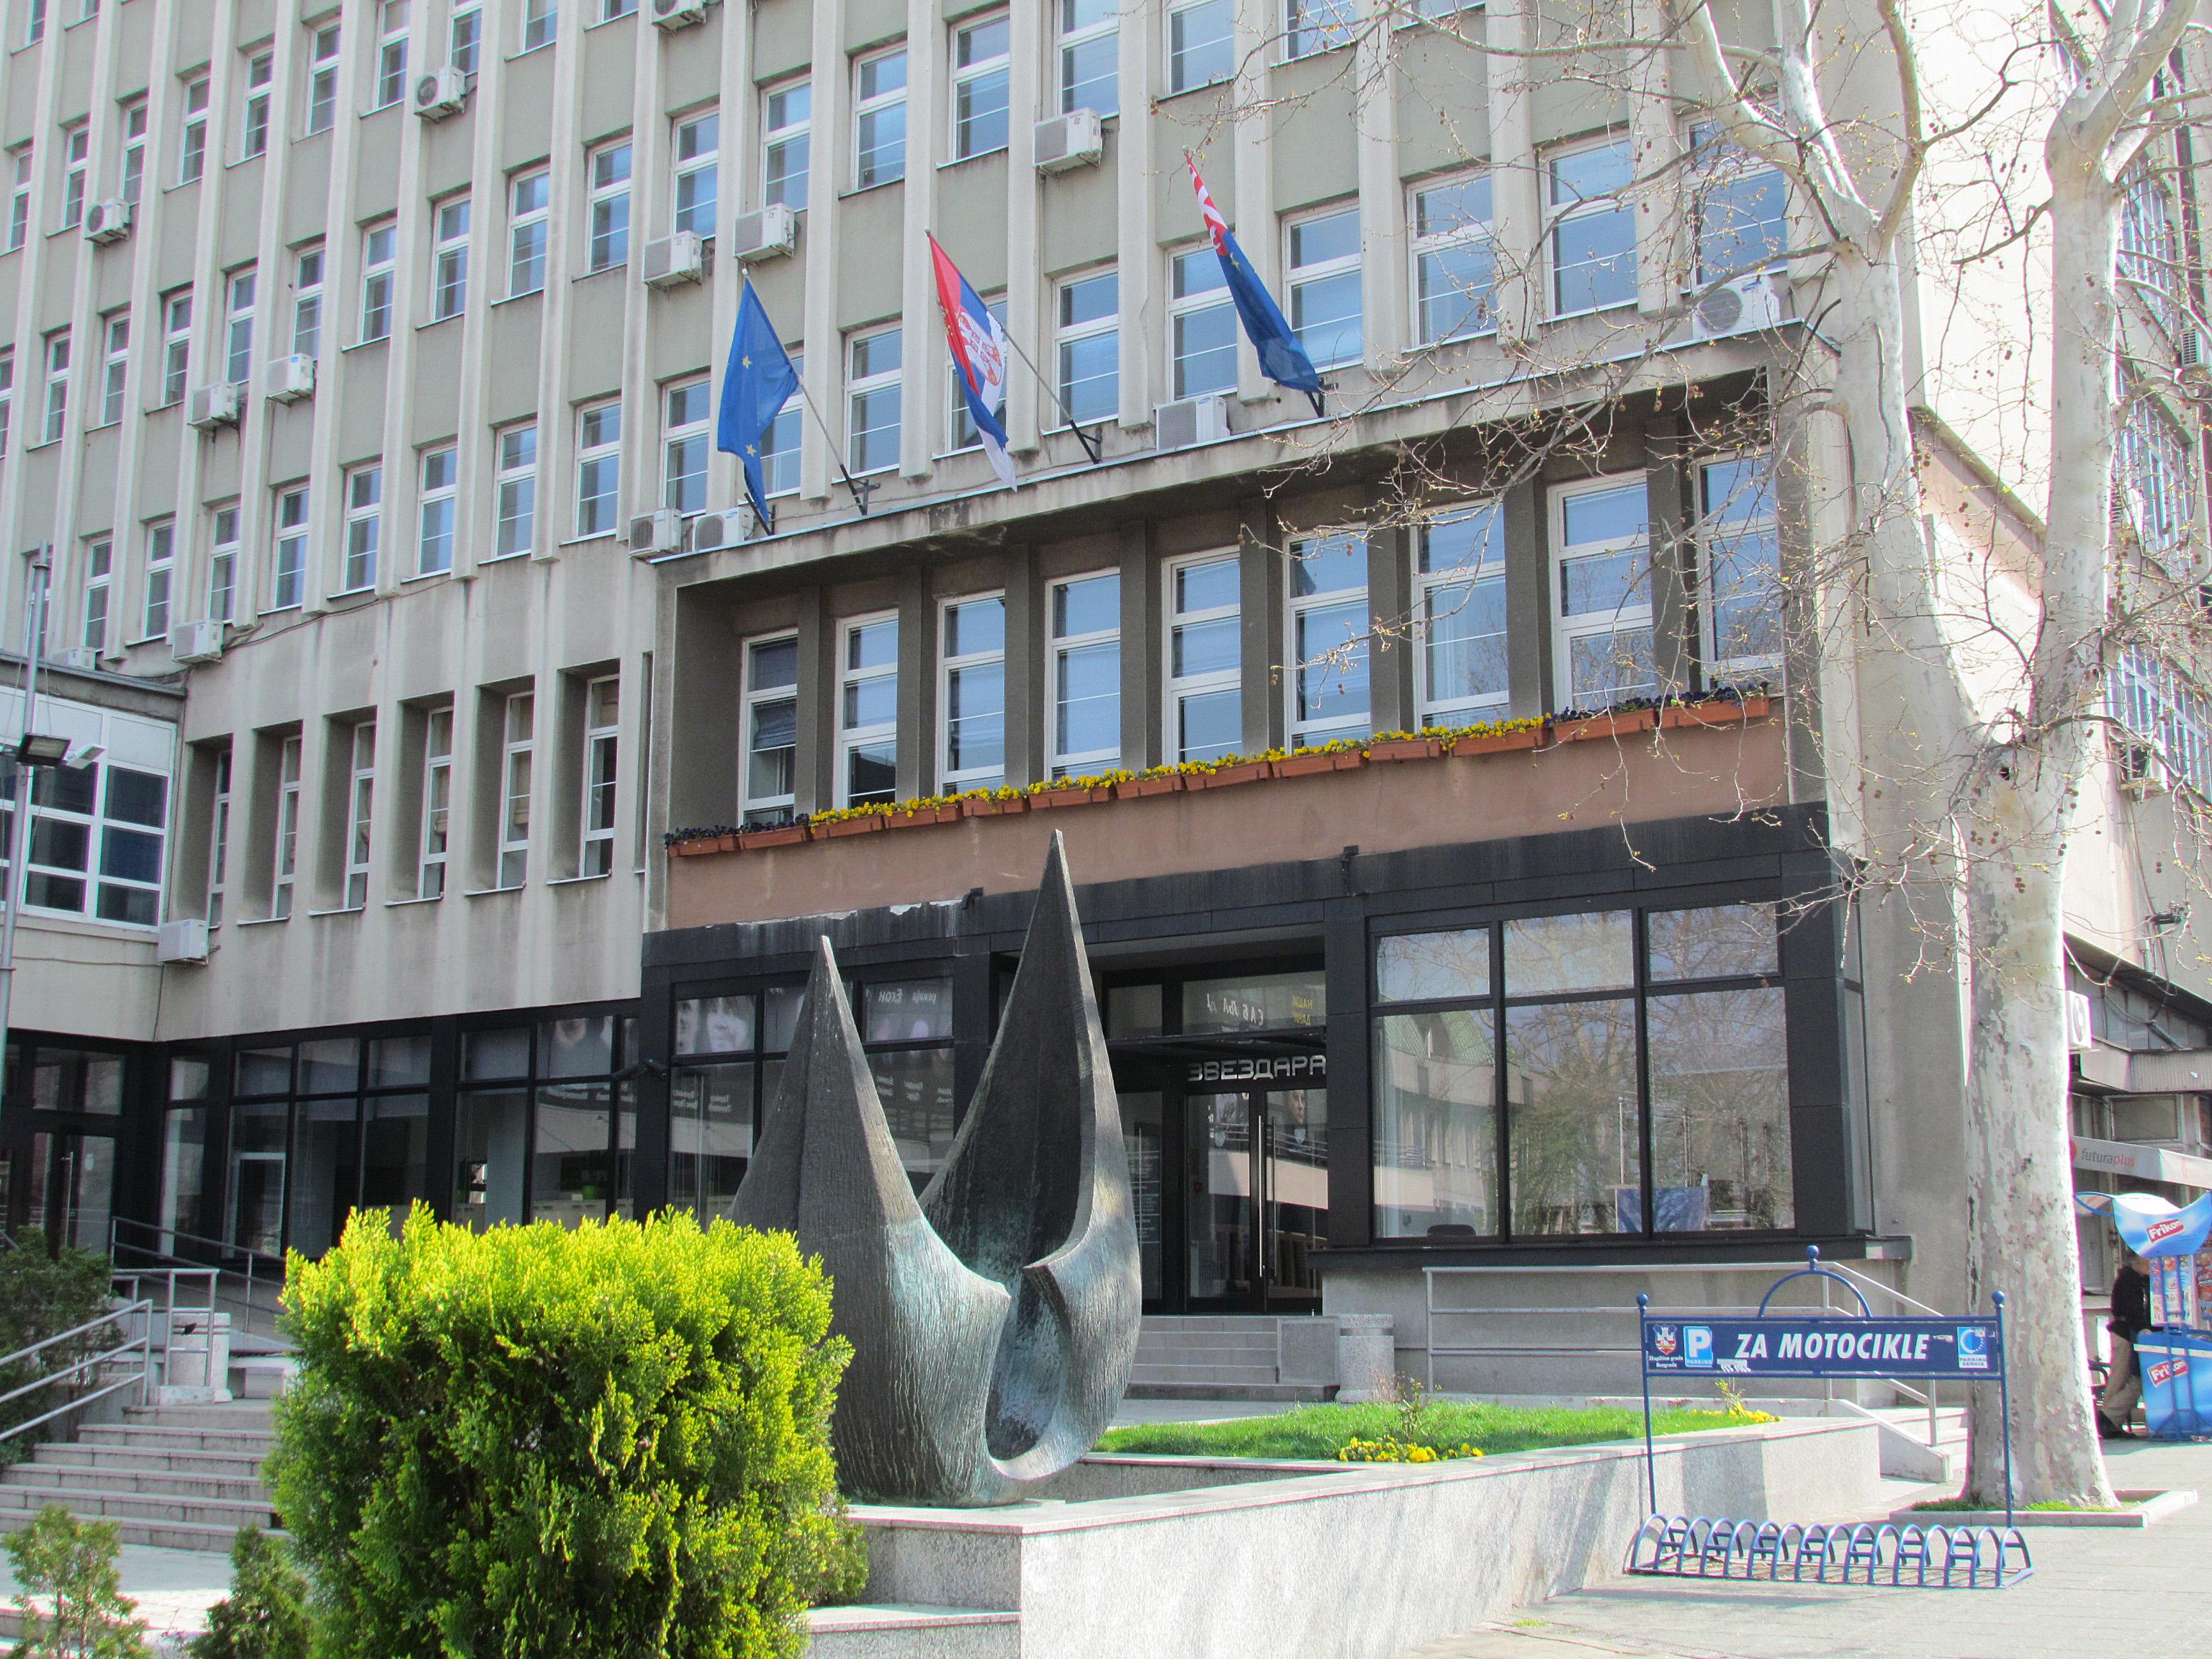 Gradska Opshtina Zvezdara Vikipediјa Slobodna Enciklopediјa